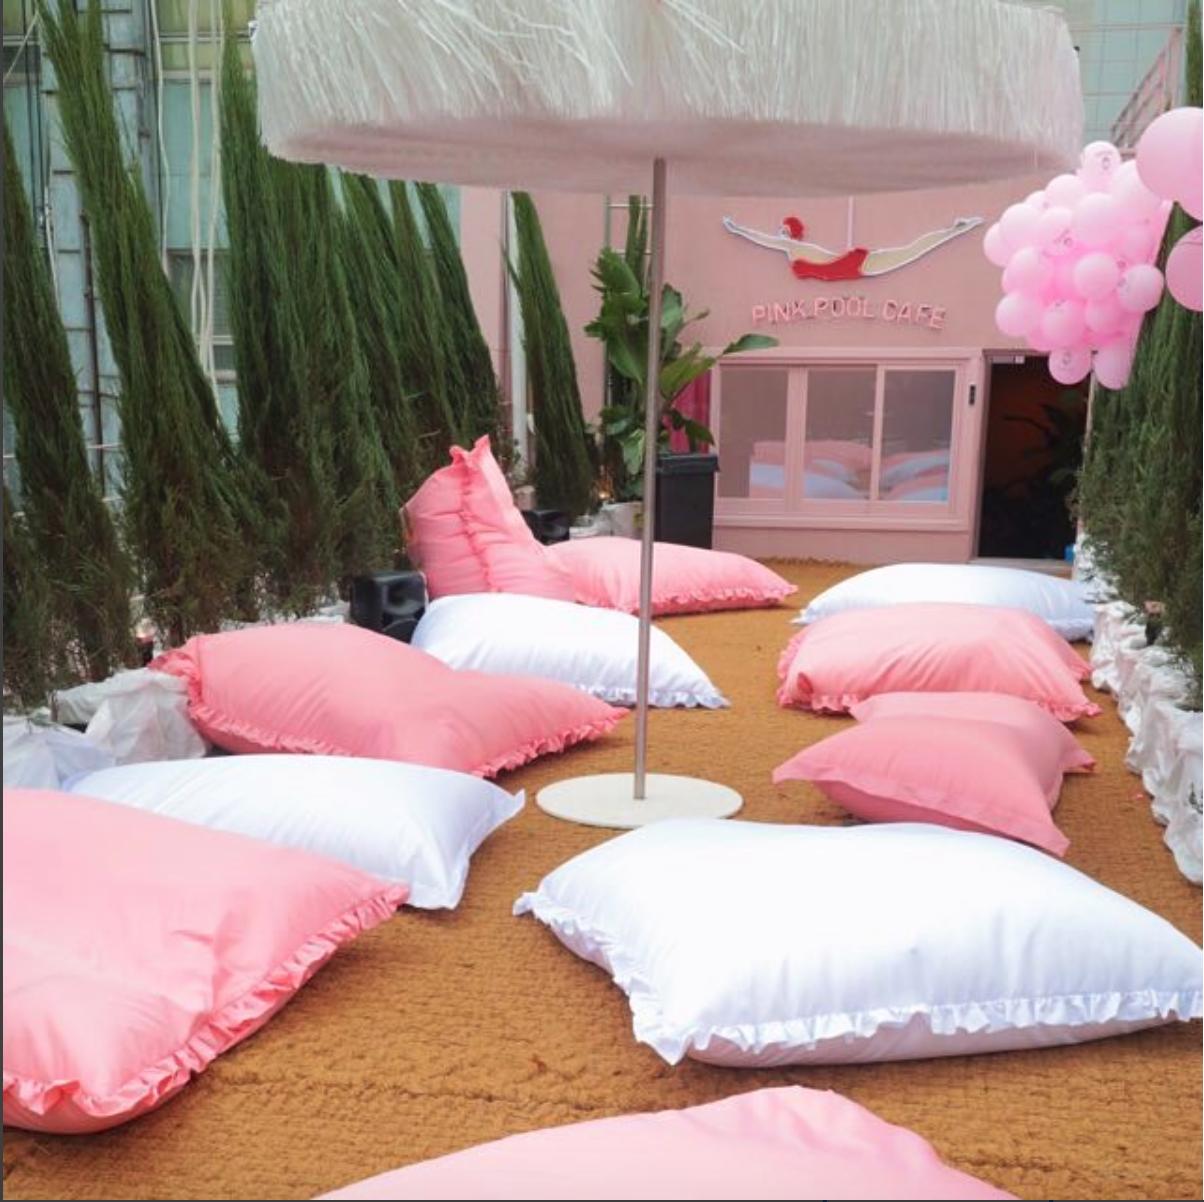 dena dayana dayn dyna: style nanda pink hotel